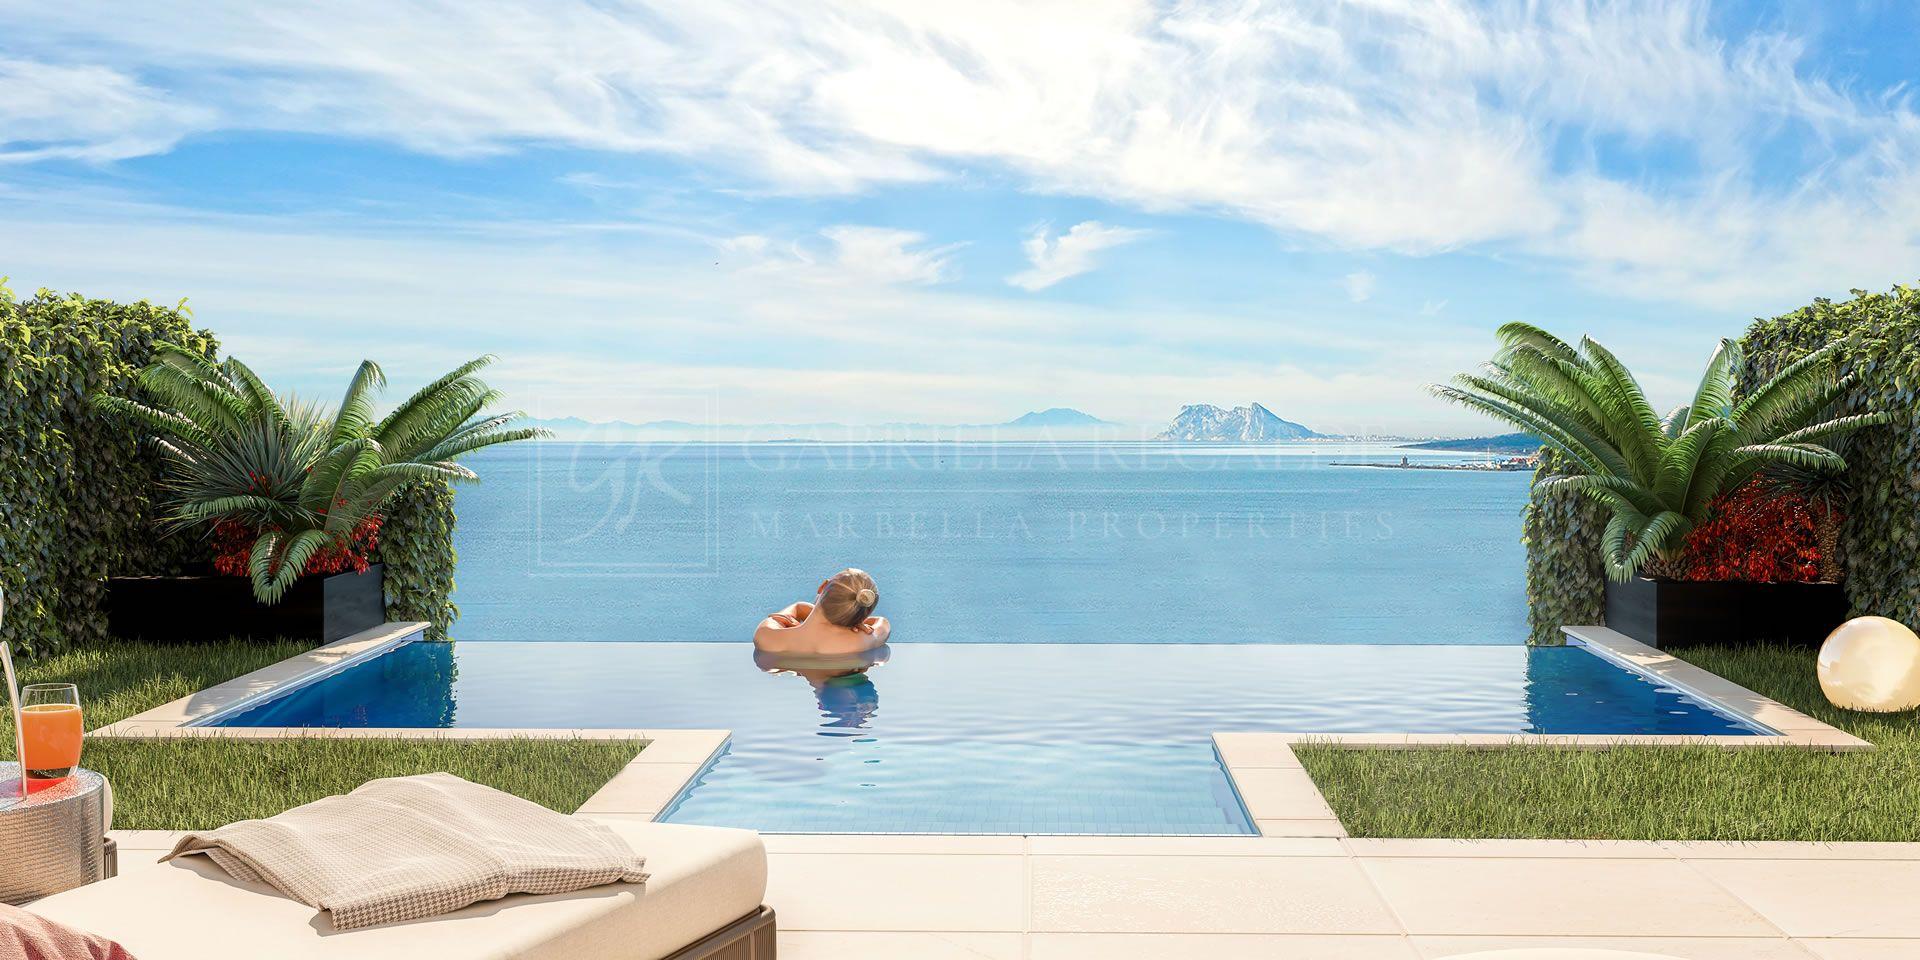 Golden View I, espectaculares casas adosadas con vistas al mar entre Marbella y Sotogrande